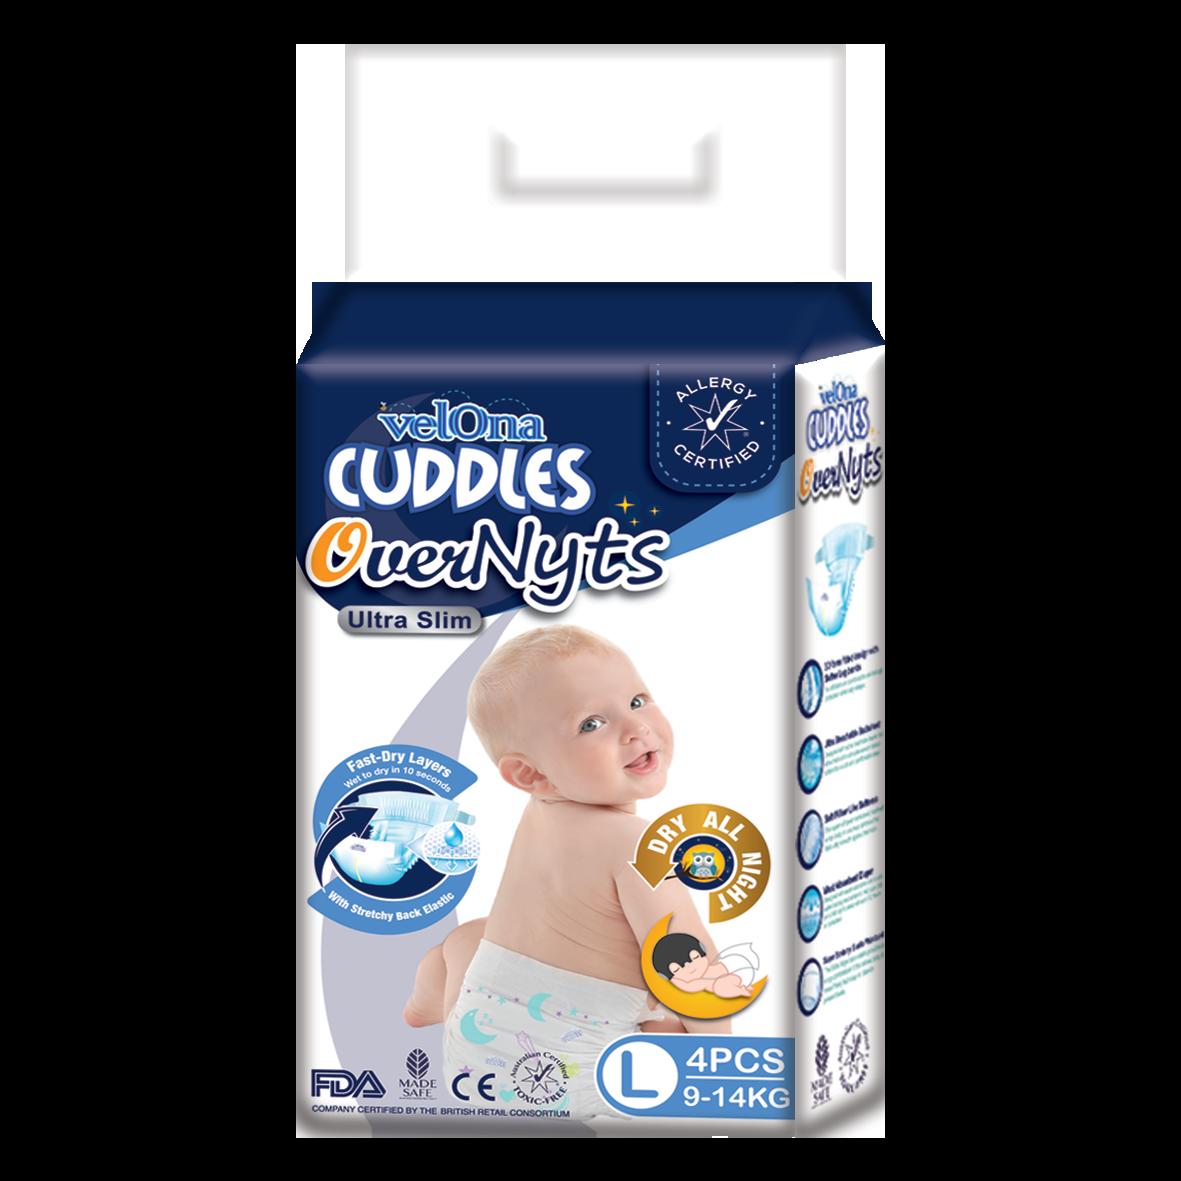 Velona Cuddles Overnyts - Minis - Large Size